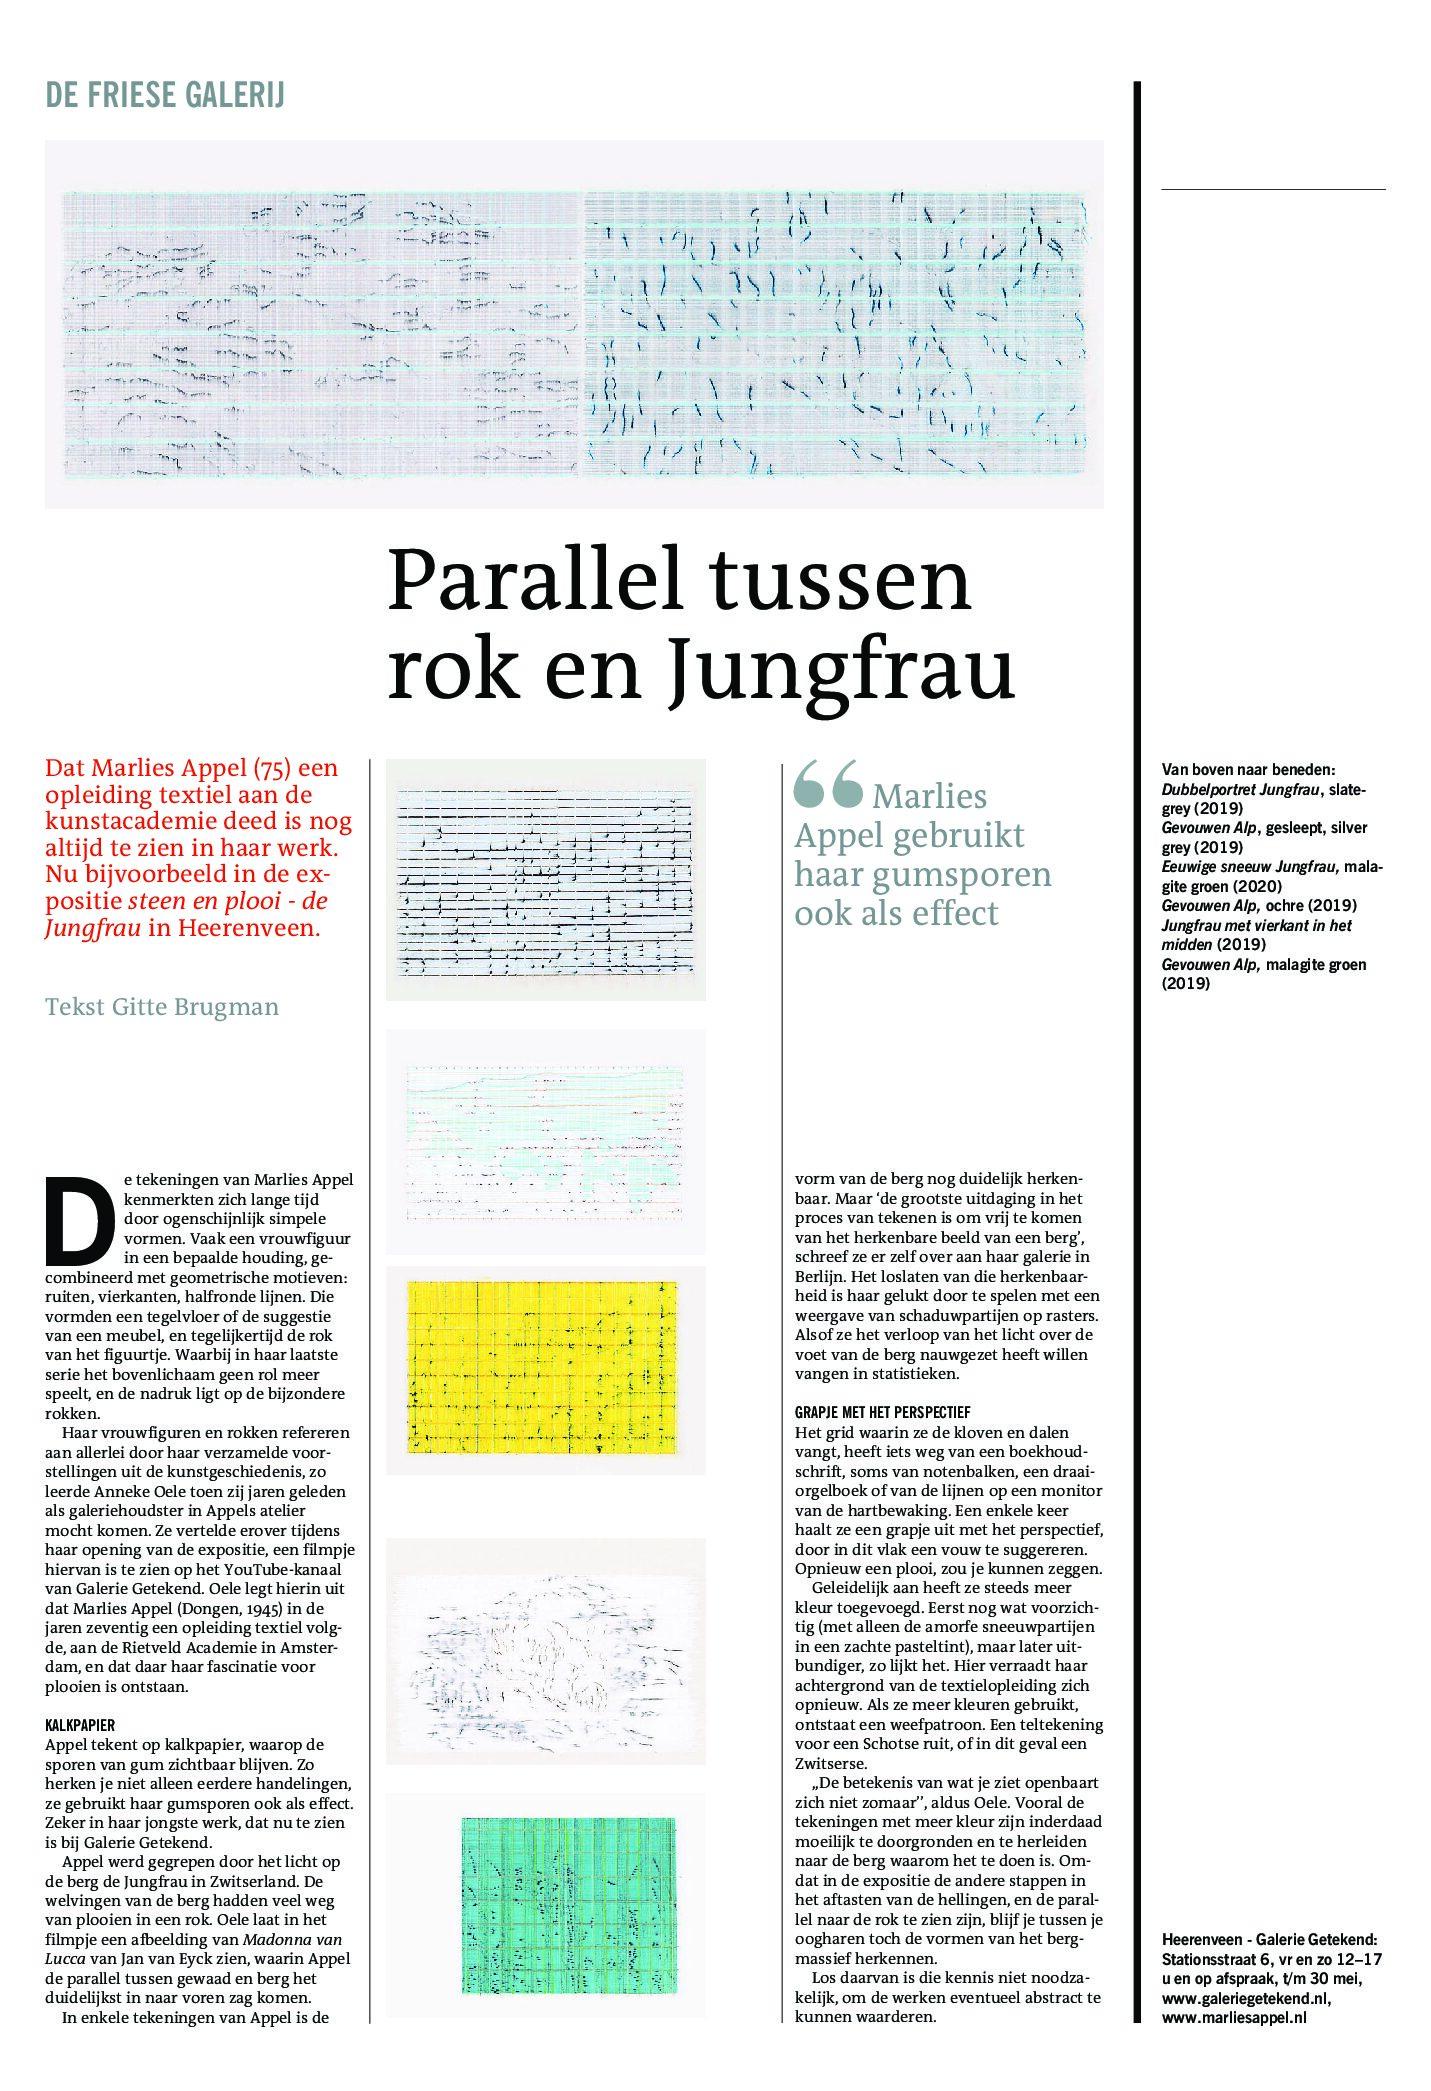 Lees meer over het artikel Parallel tussen rok en Jungfrau